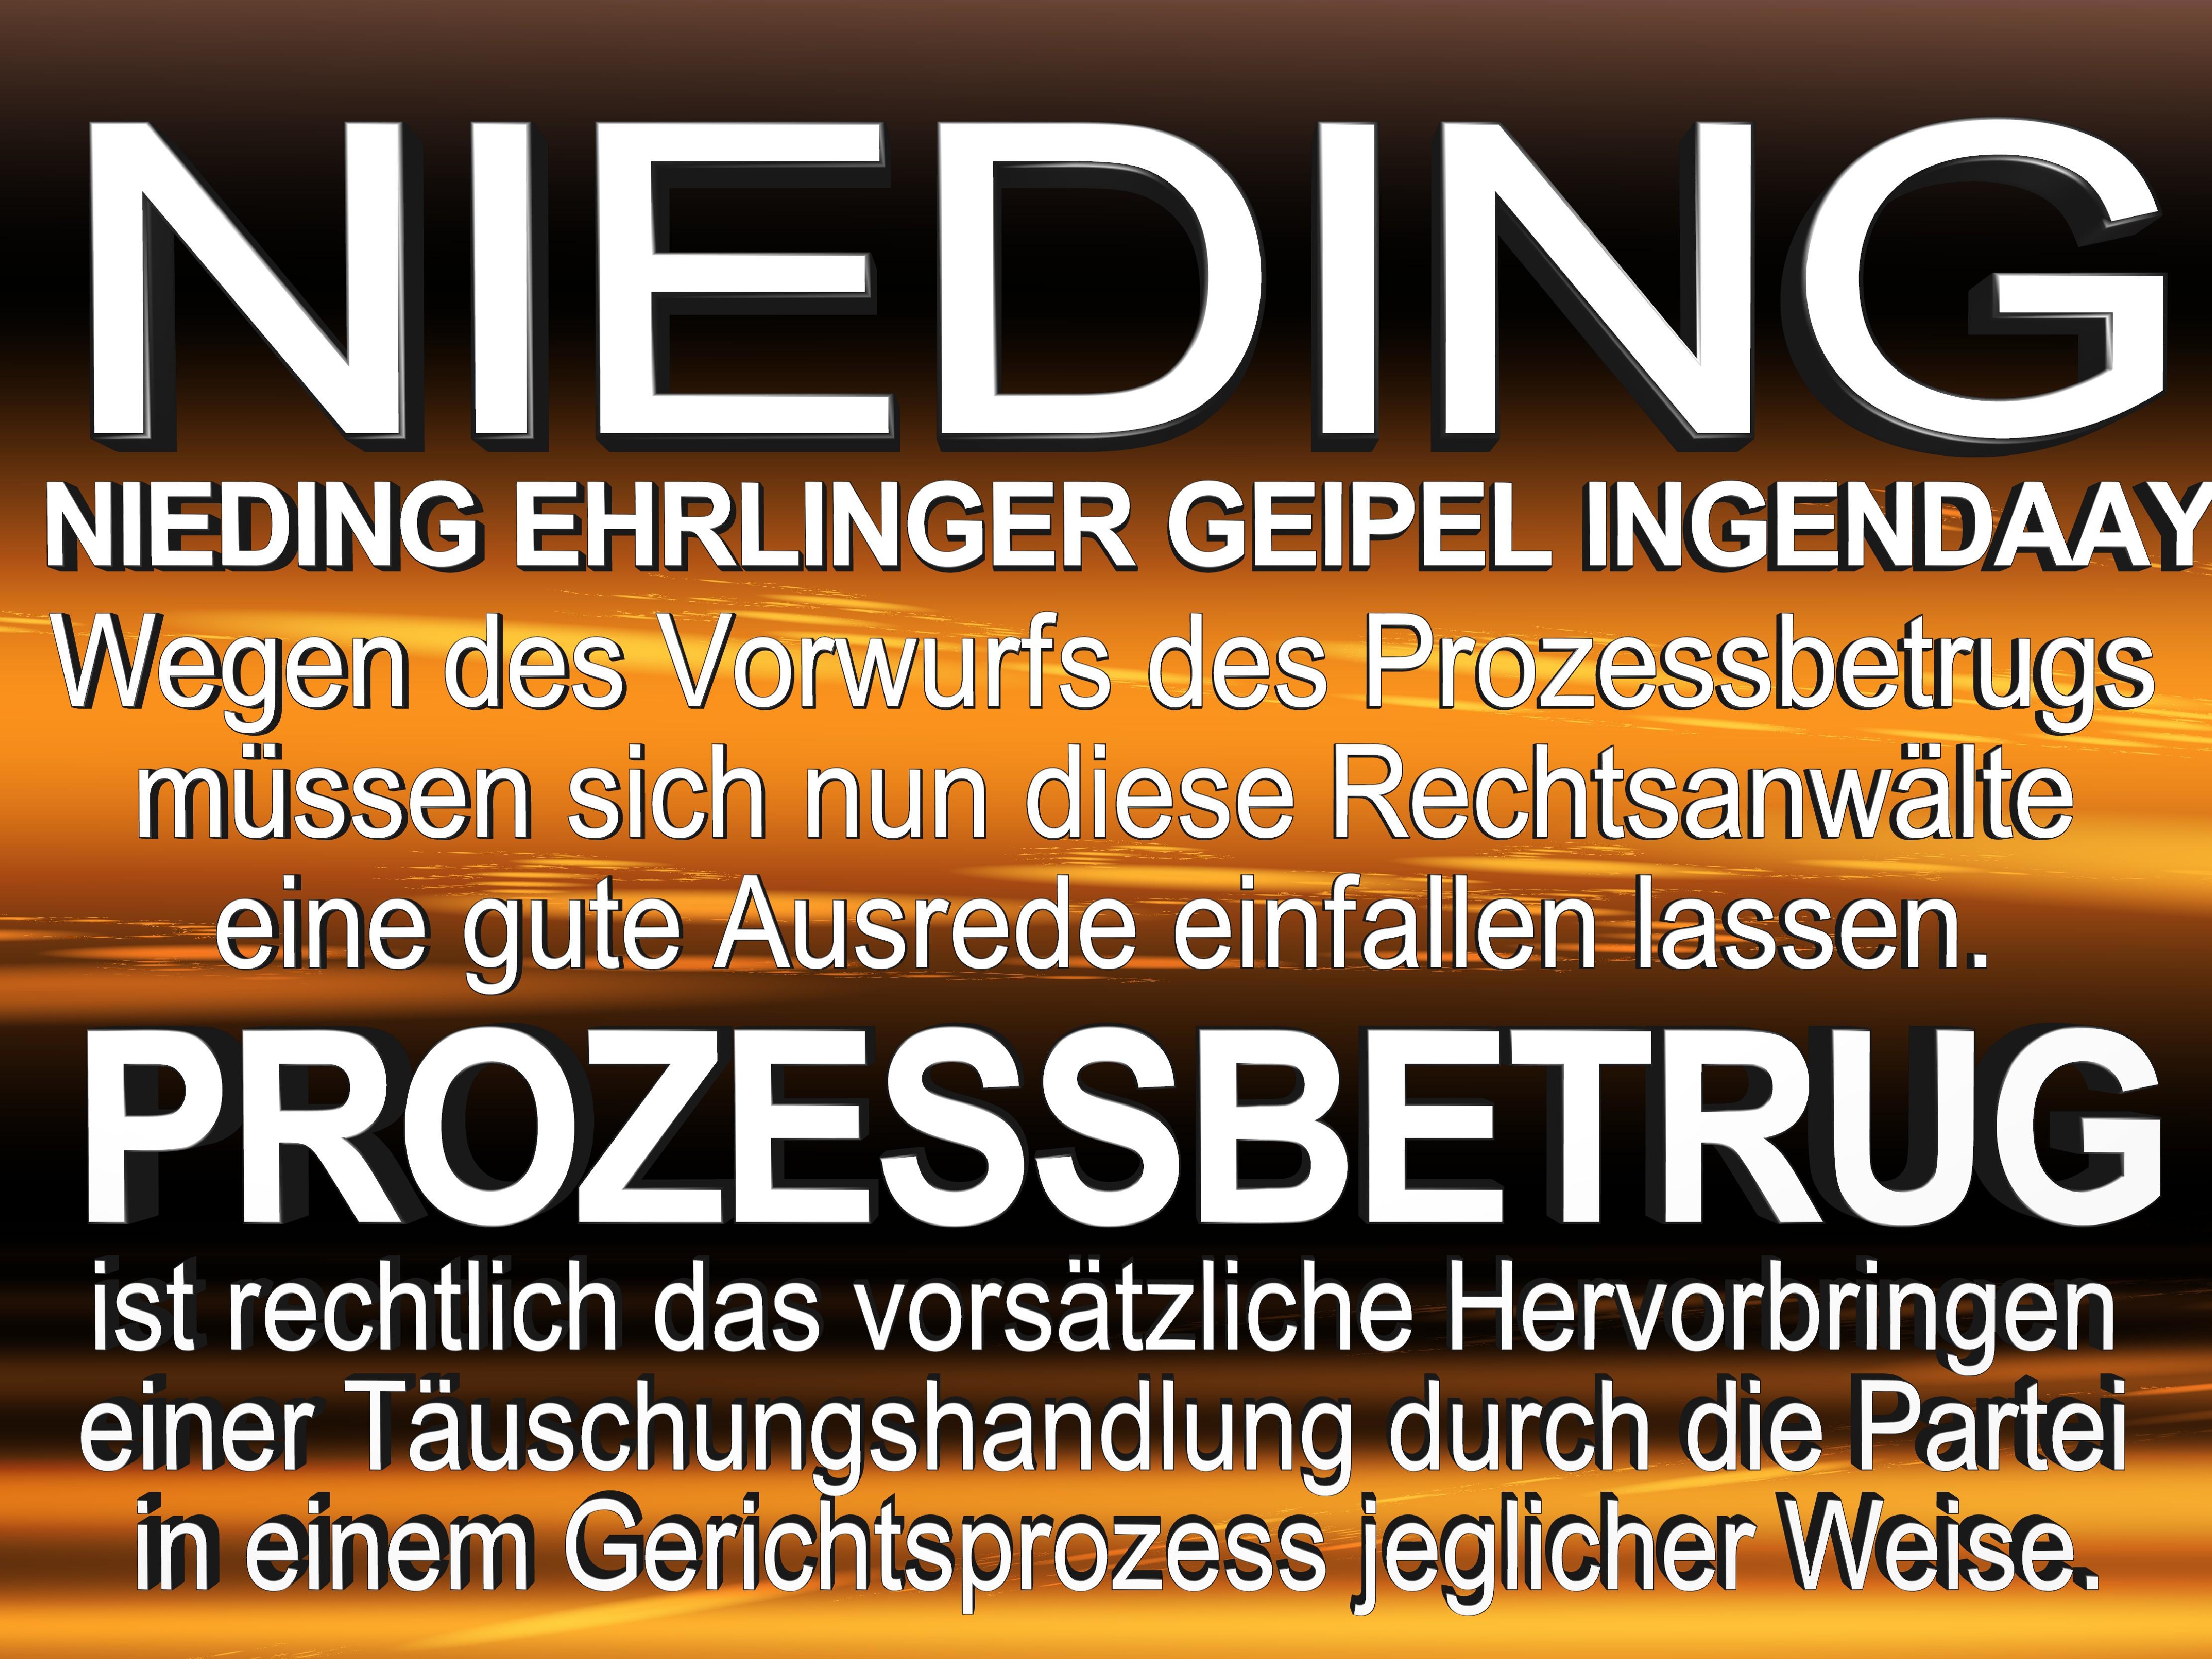 NIEDING EHRLINGER GEIPEL INGENDAAY LELKE Kurfürstendamm 66 Berlin (100)